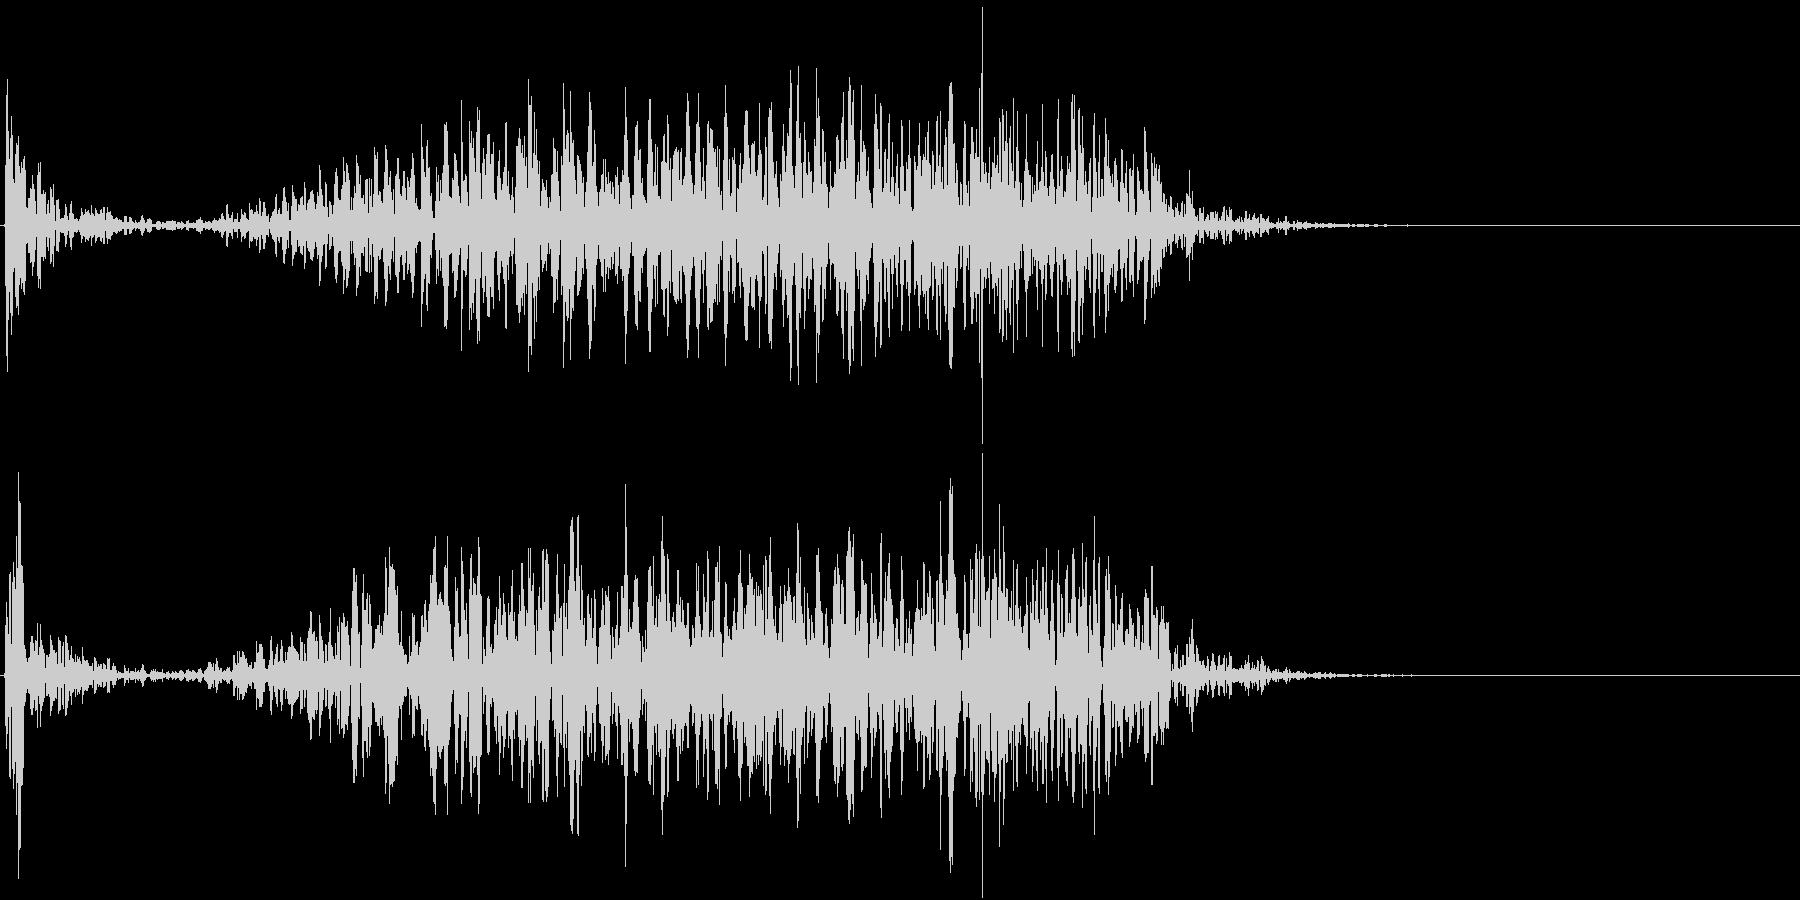 【生録音】テーブルを引っ掻く音 3の未再生の波形